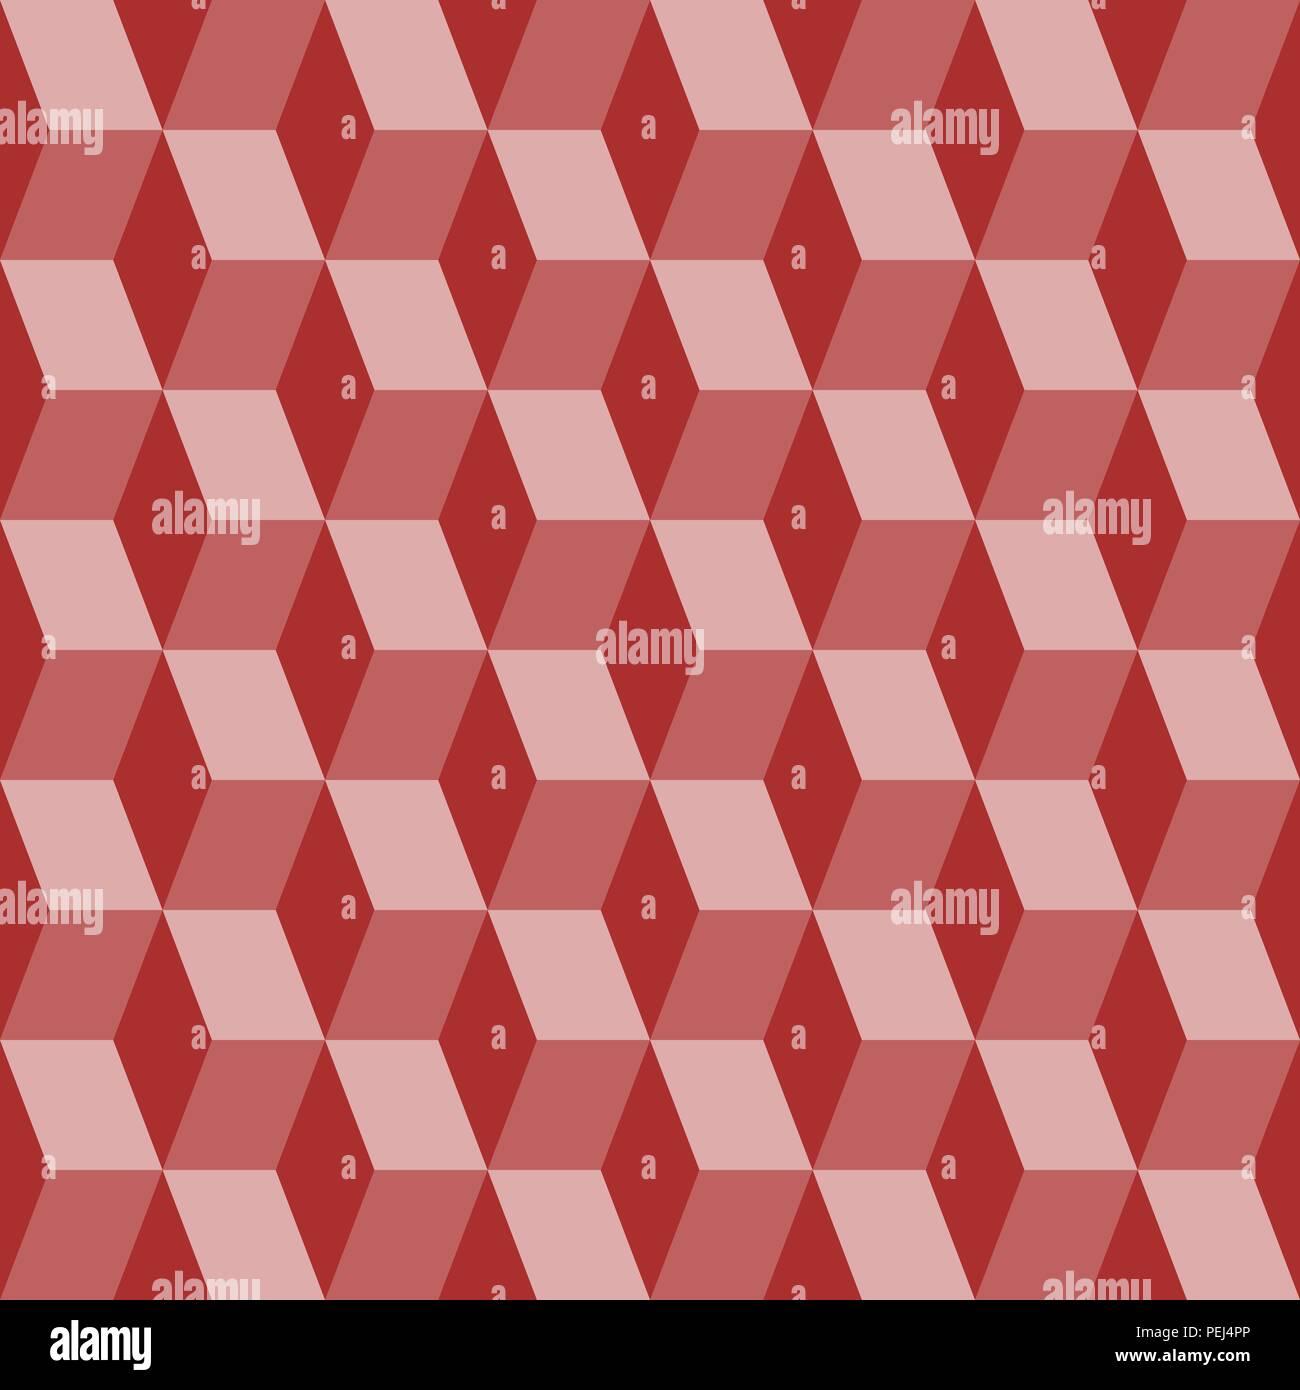 Bloques abstractos ilusión visual perfecto contraste patrón rojo Imagen De Stock